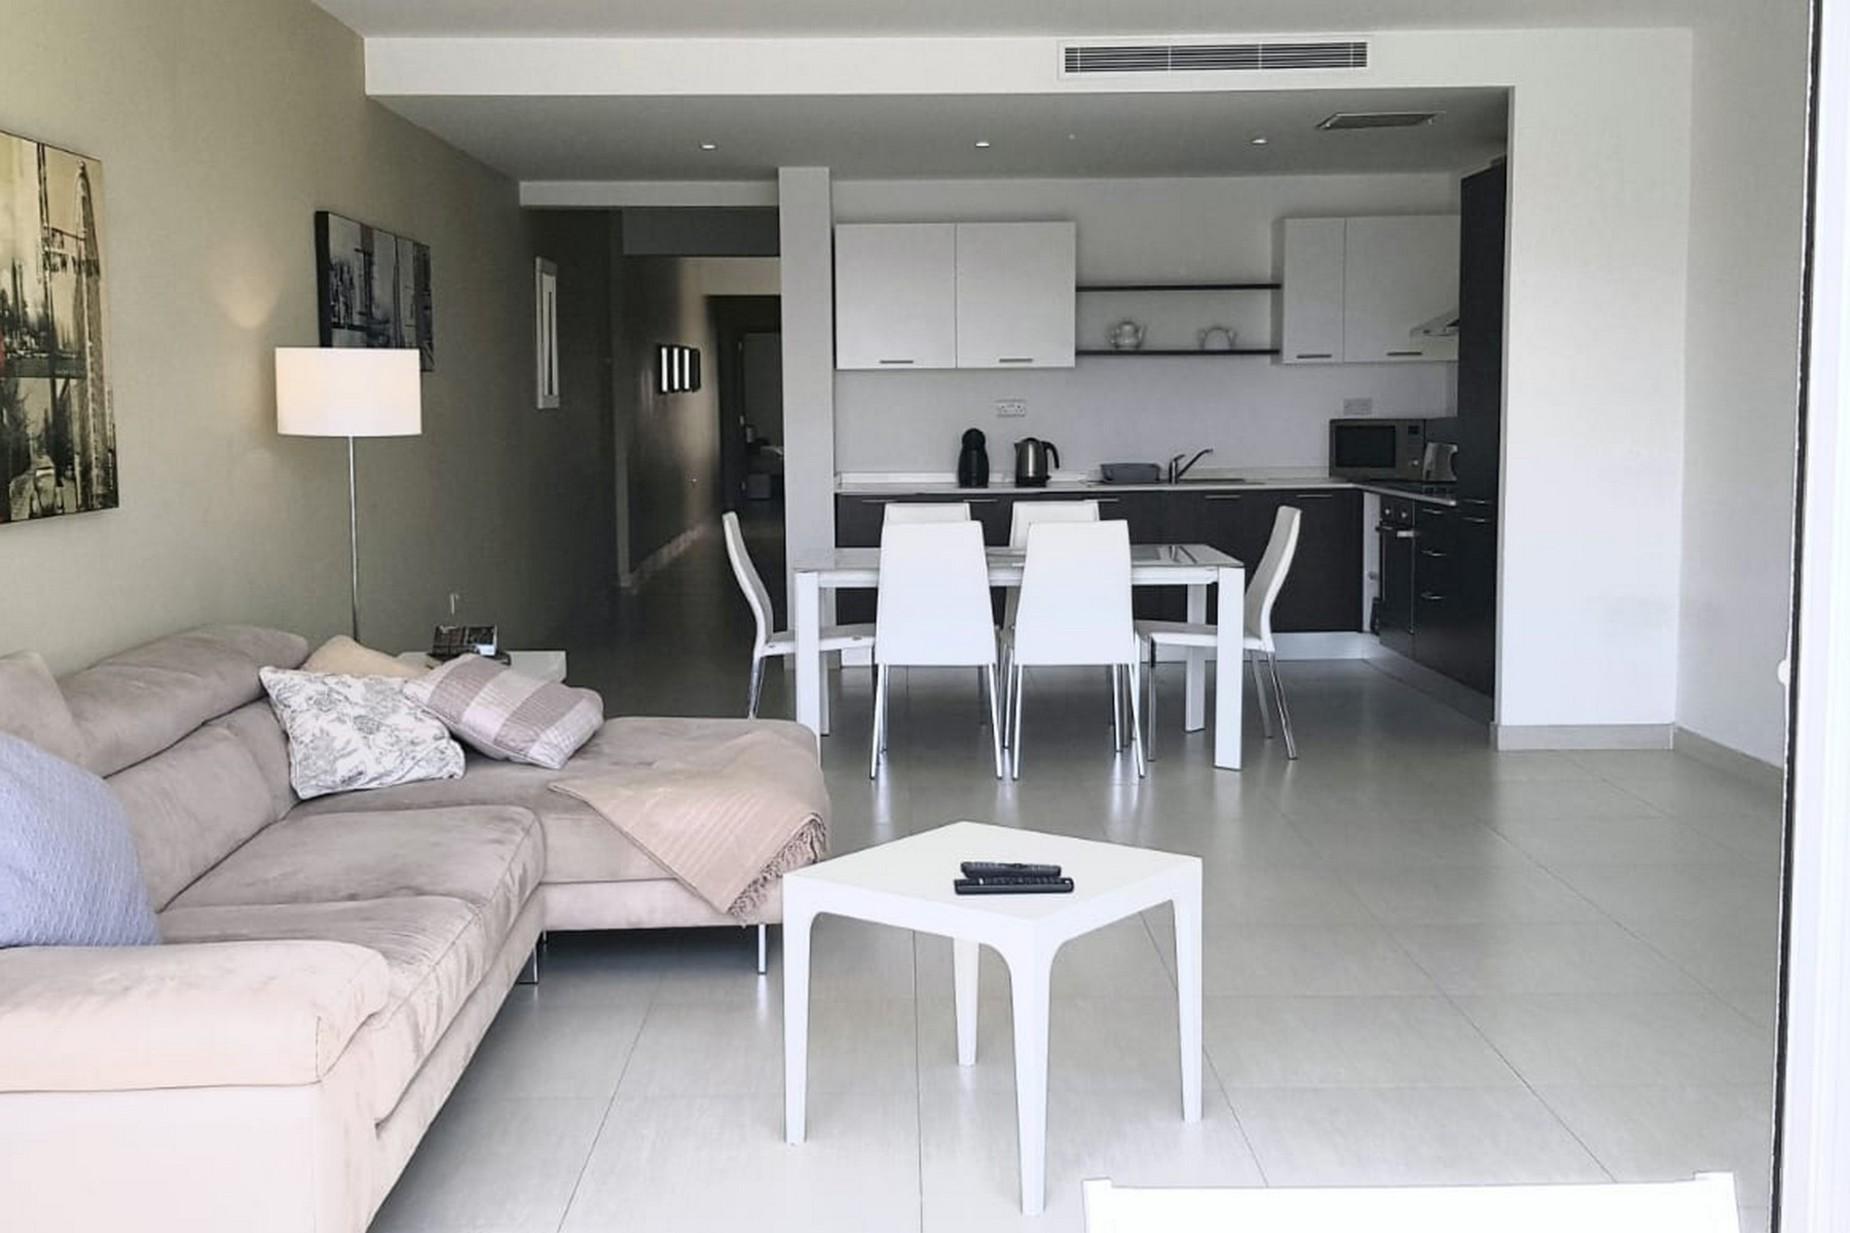 2 bed Apartment For Rent in Gzira, Gzira - thumb 2